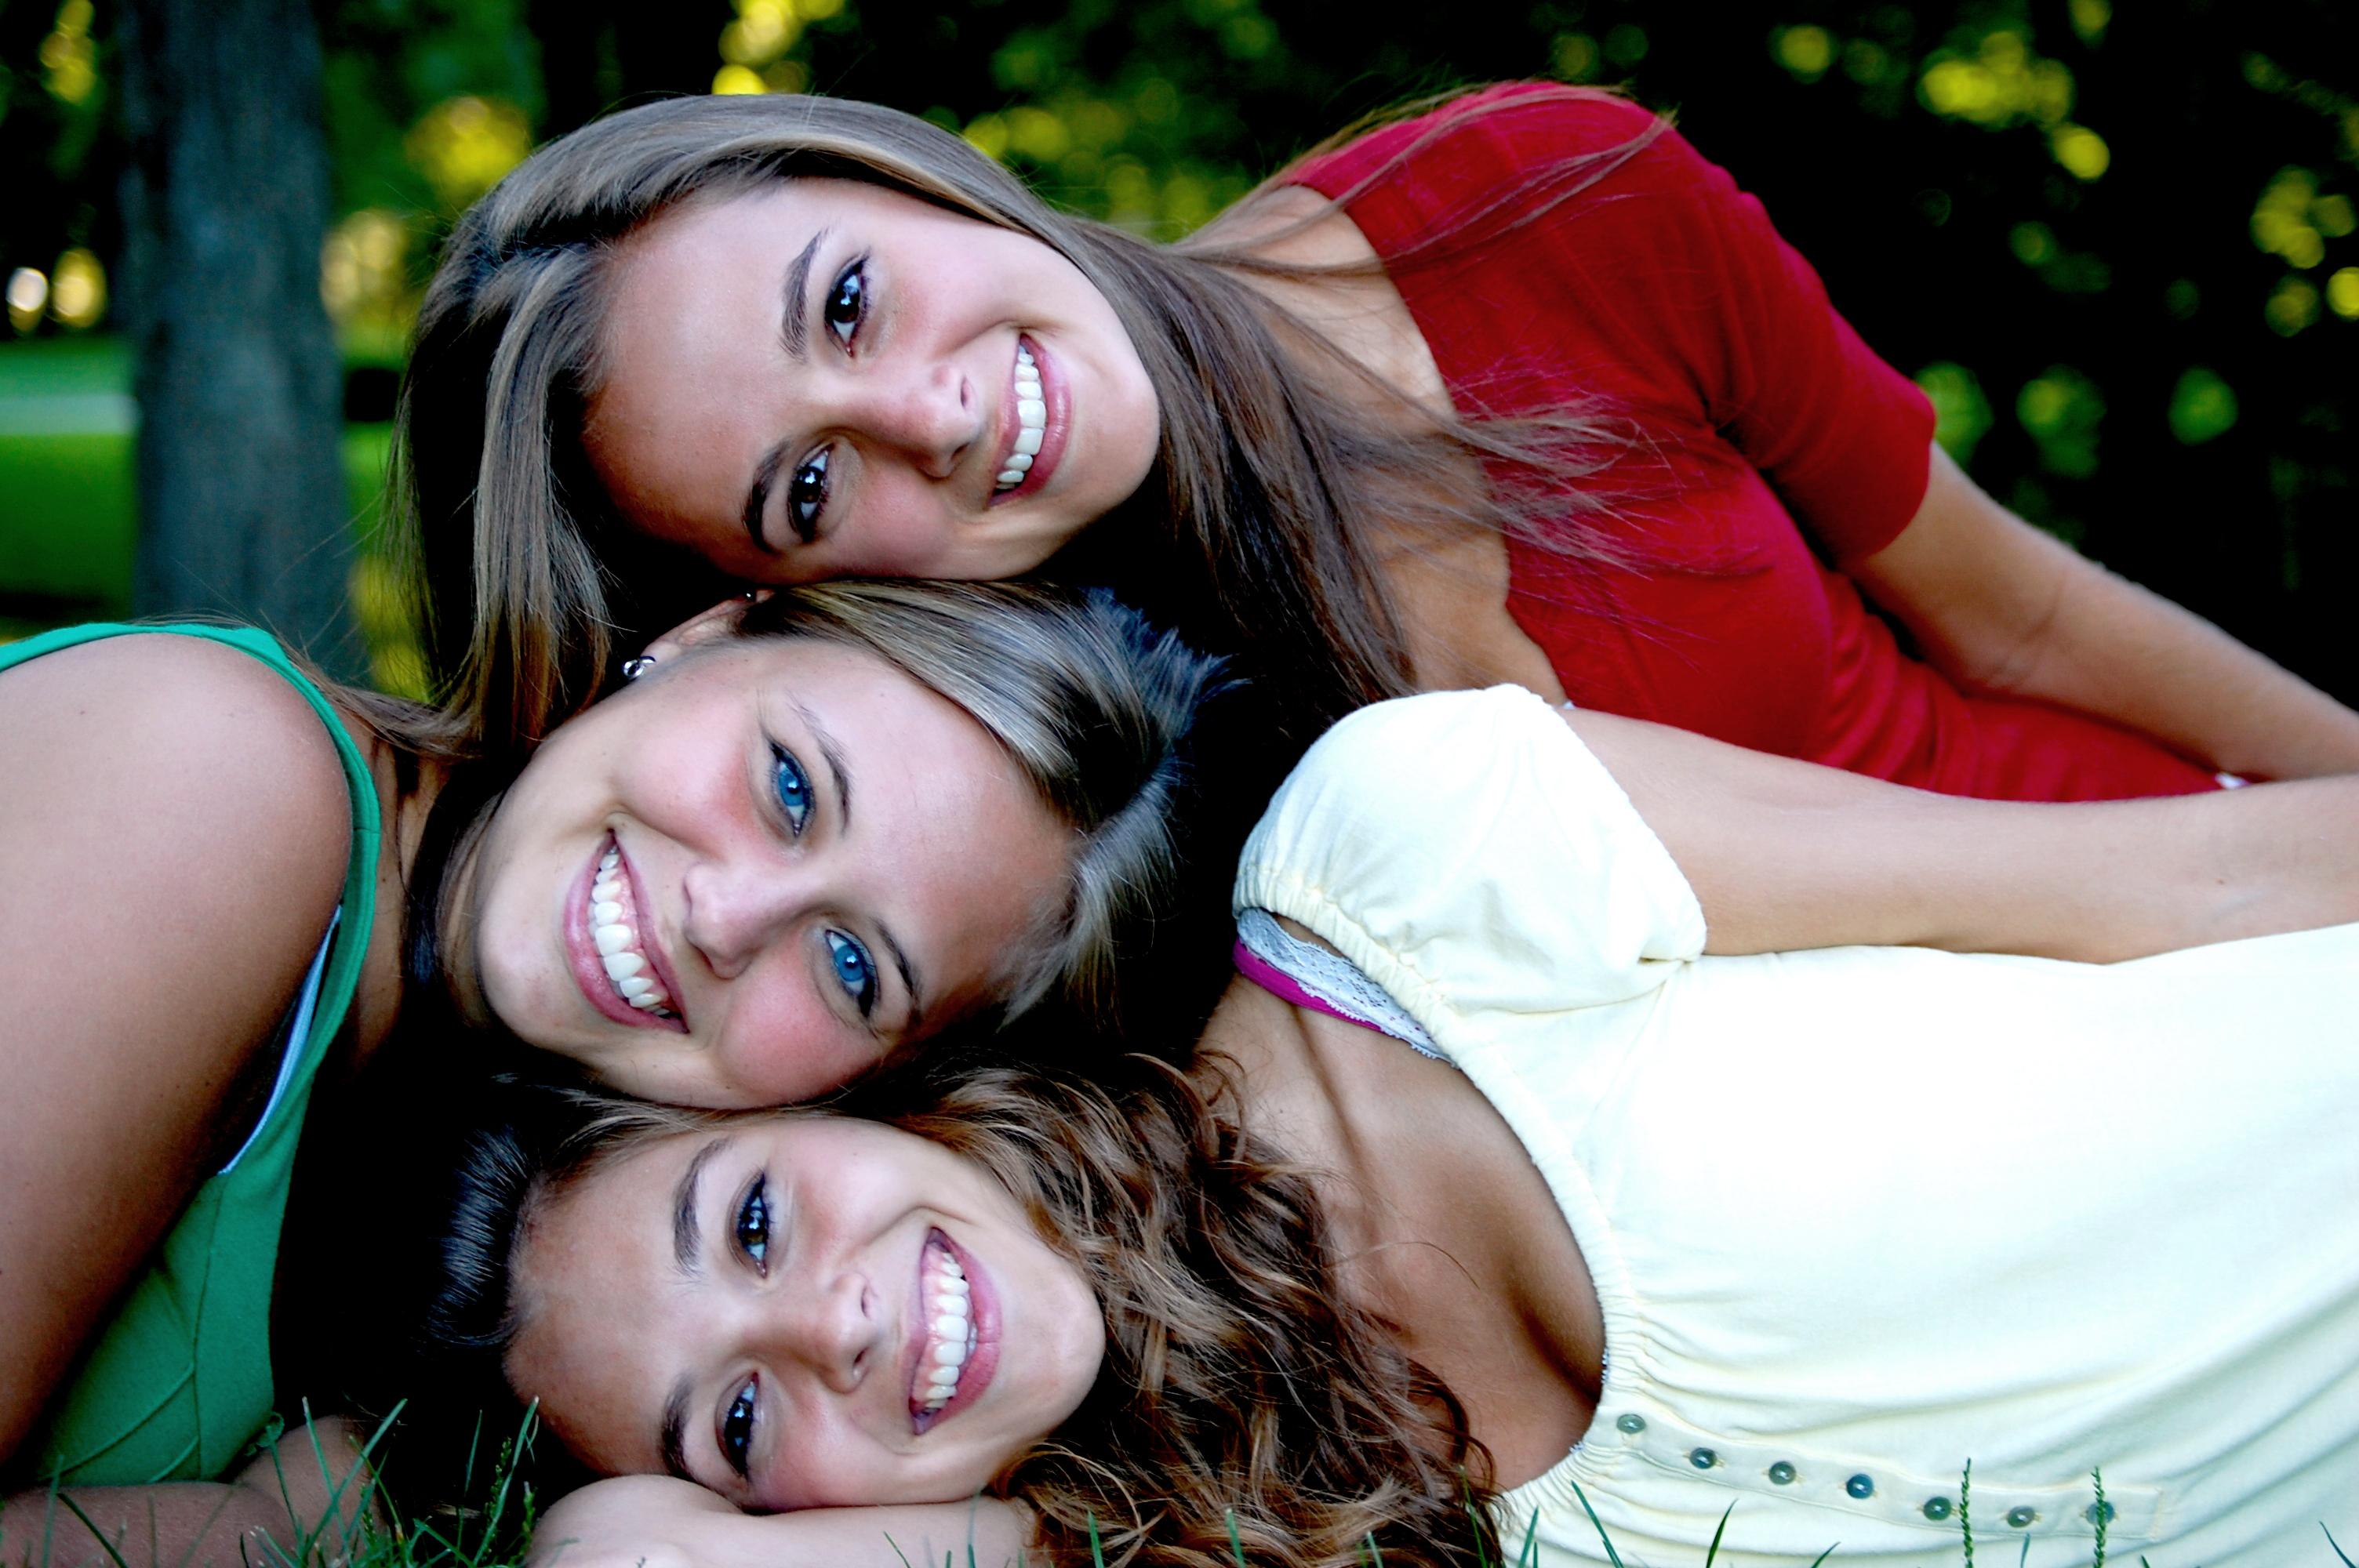 Chicas amigas sonrientes - 3008x2000